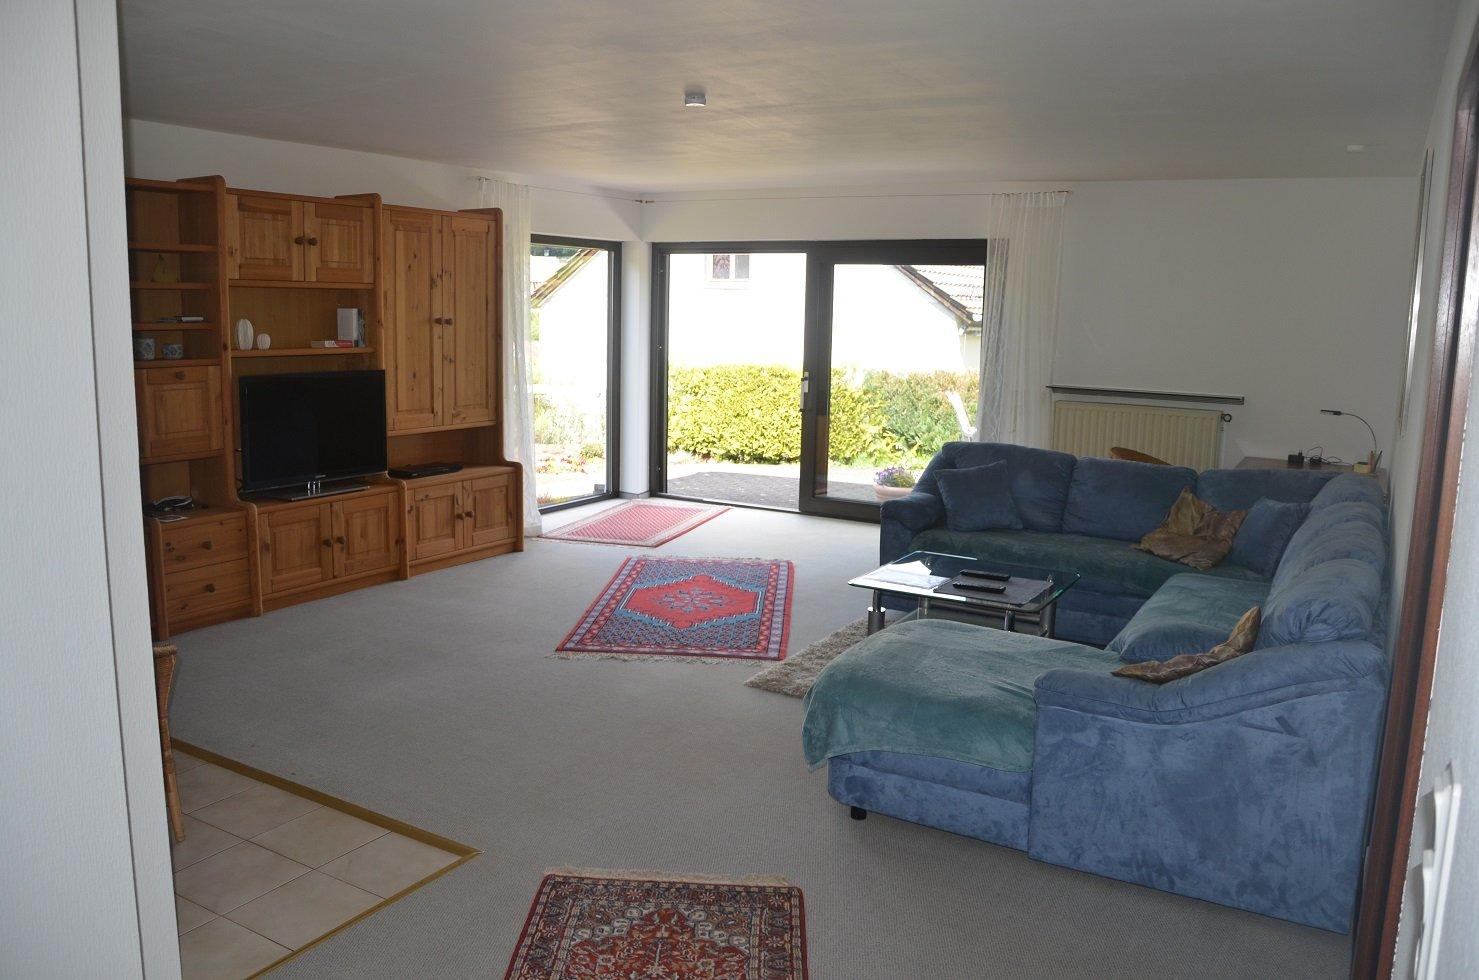 Wohnzimmer mit blauer Couch und einer Fernsehwand